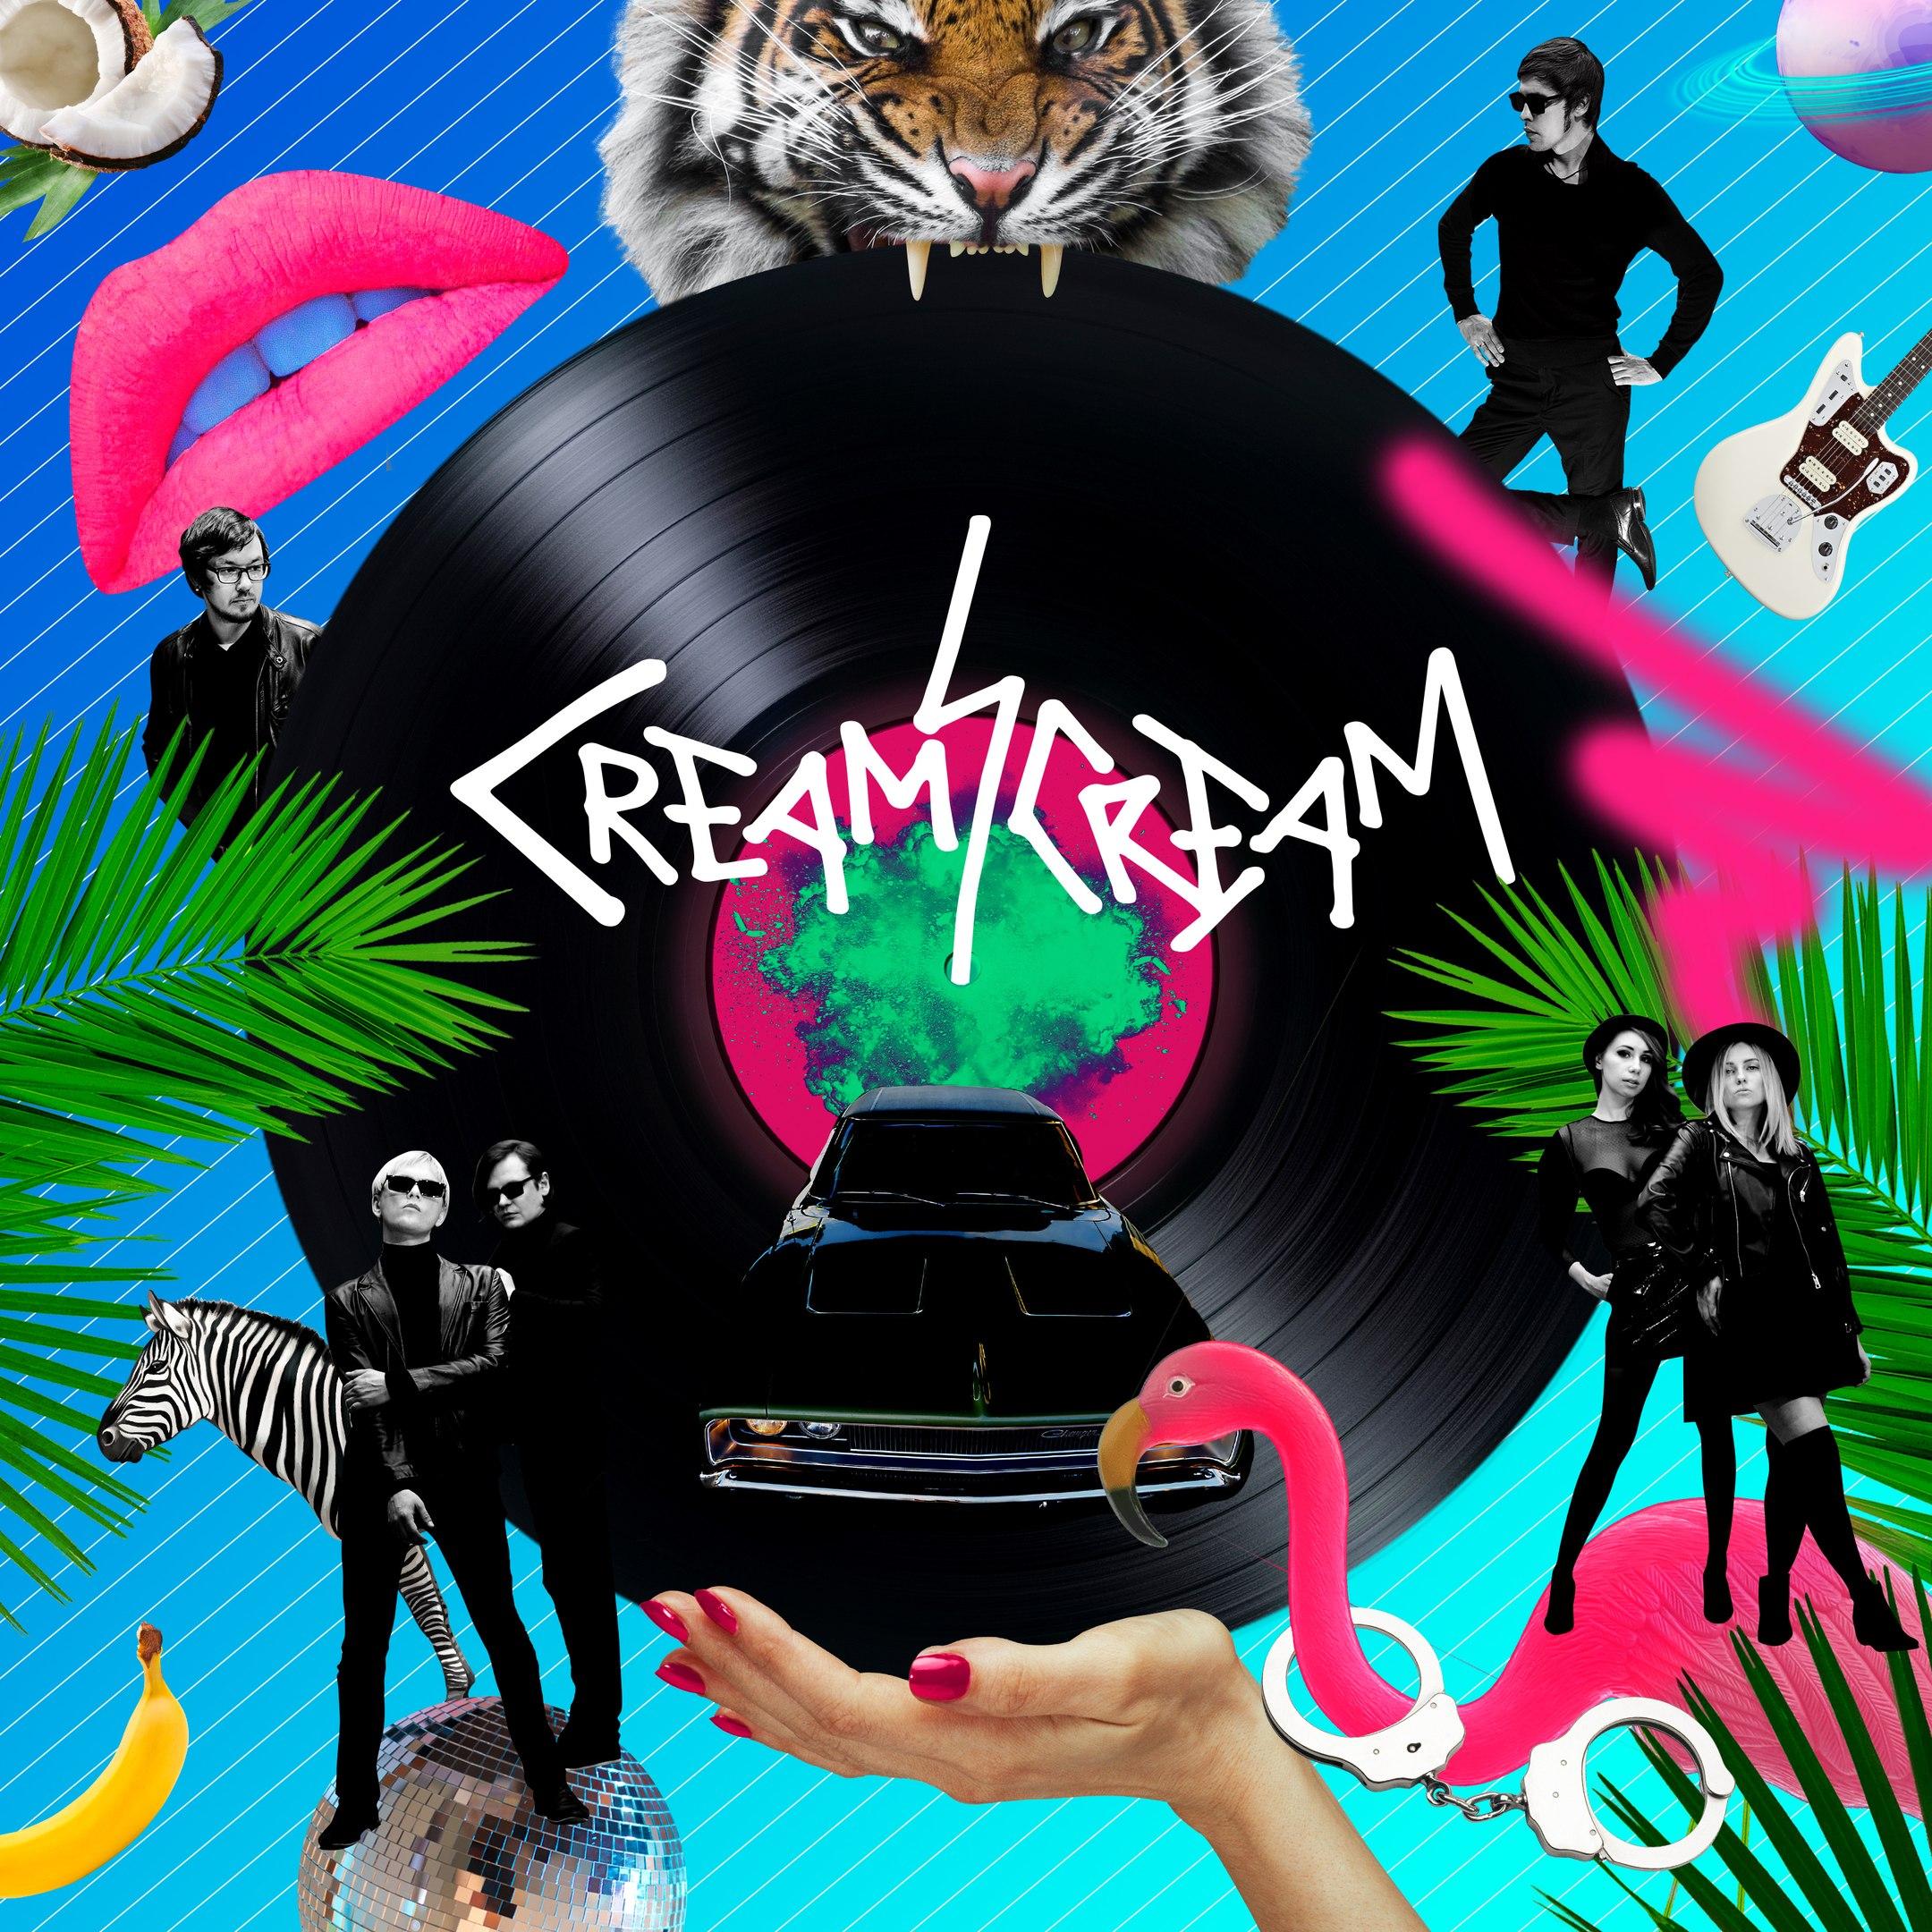 Альбом Creamscream – Explosion Exposition: модный ламповый релиз